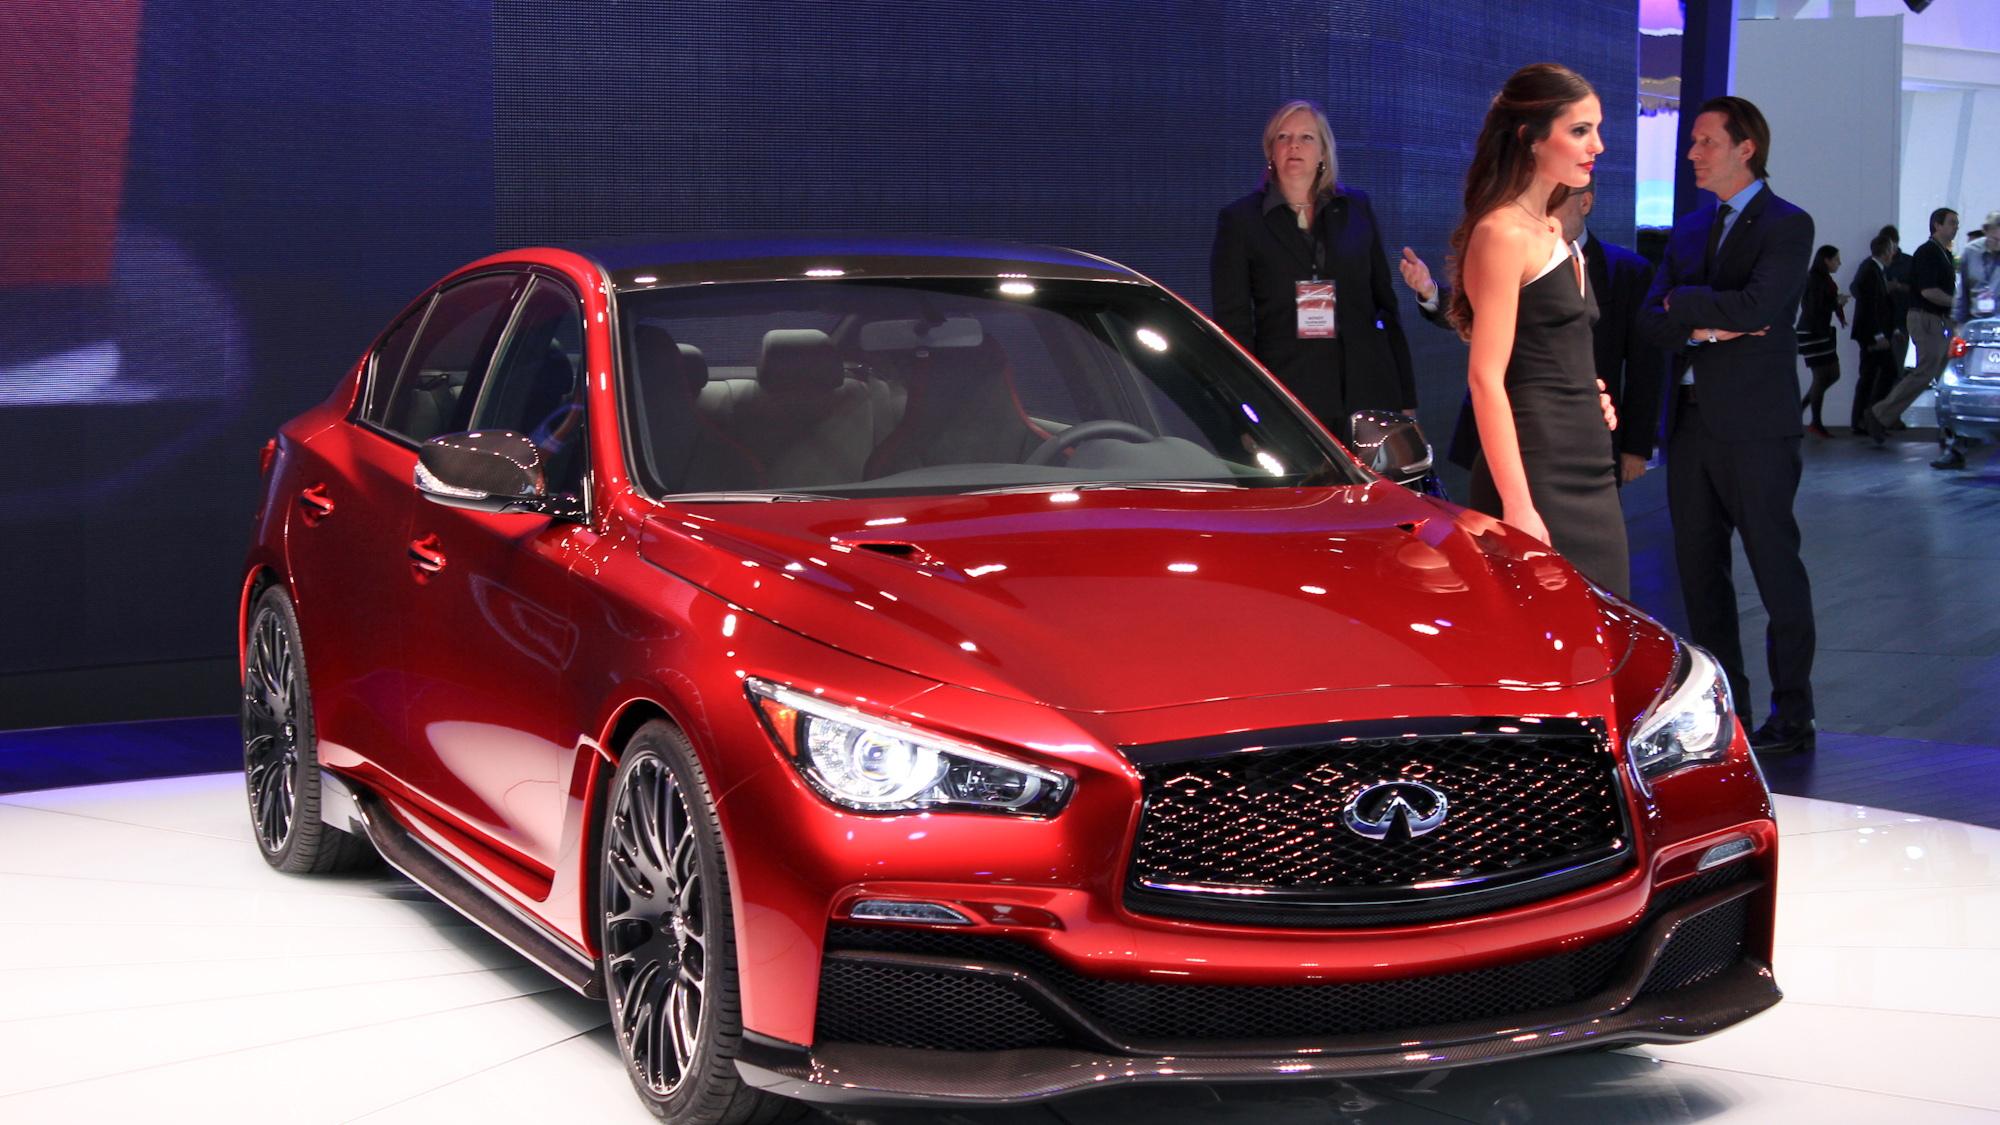 Infiniti Q50 Eau Rouge Concept live photos, 2014 Detroit Auto Show